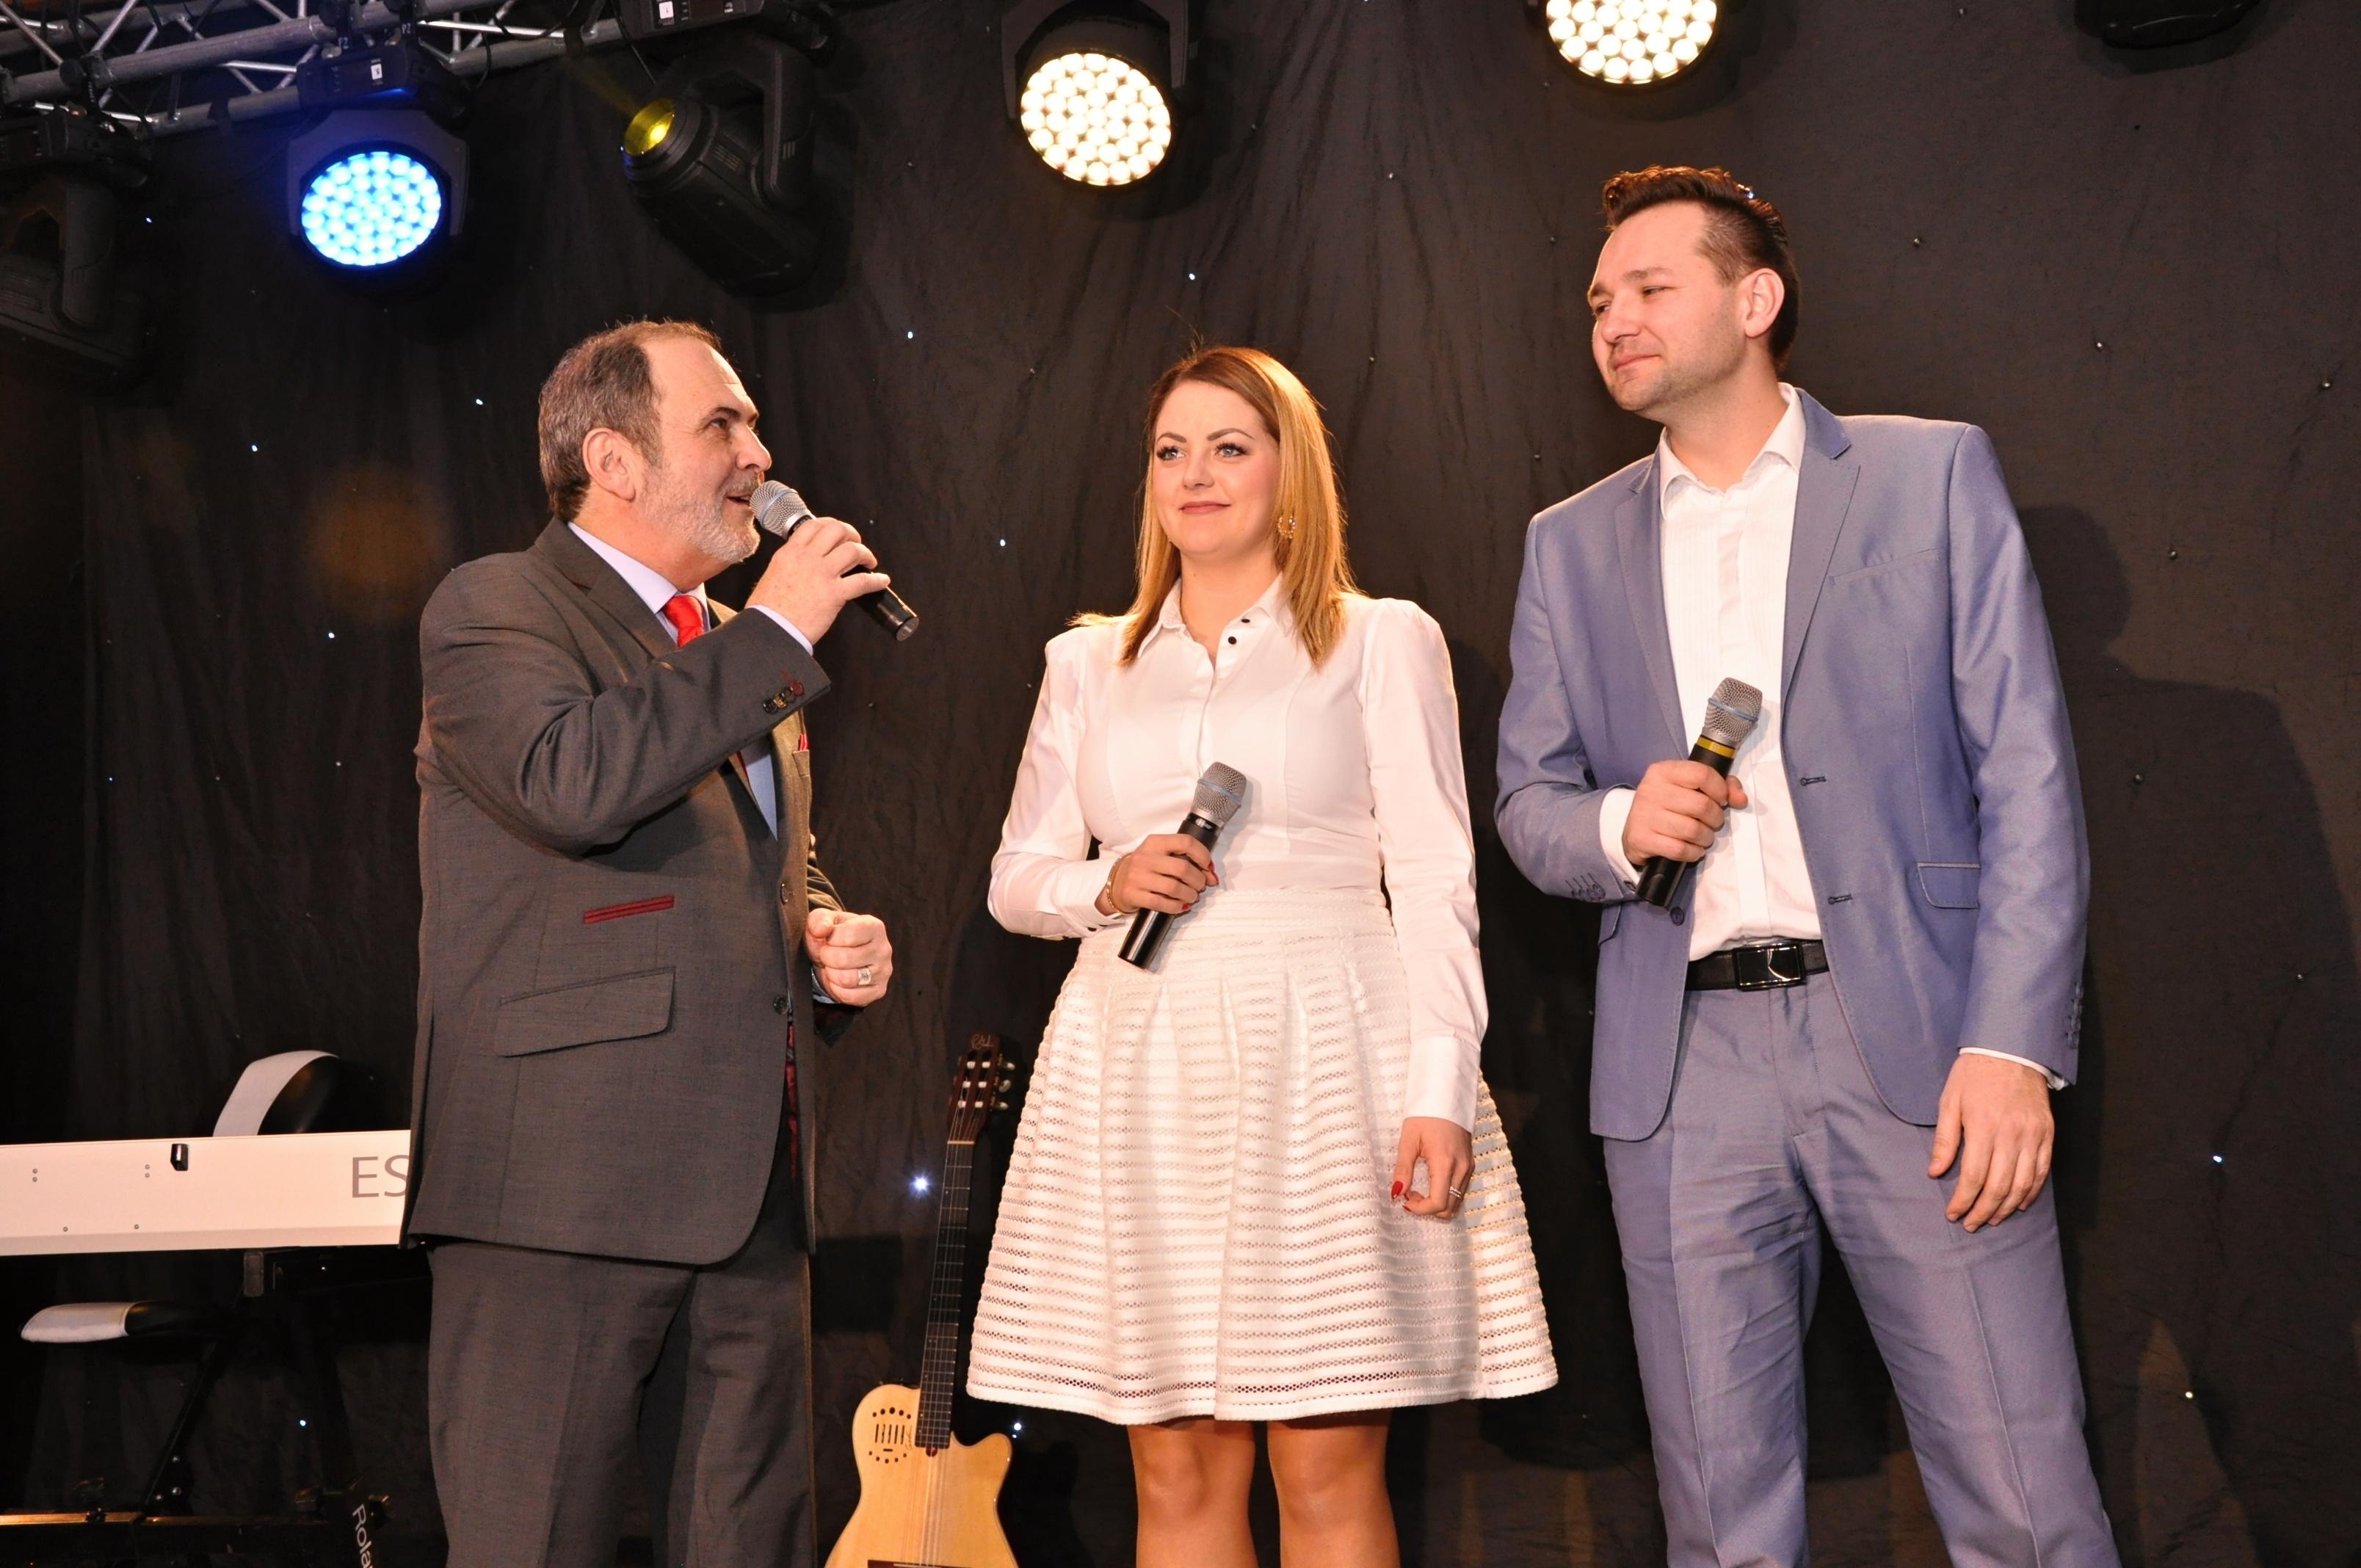 Petr_Průša_Photo495